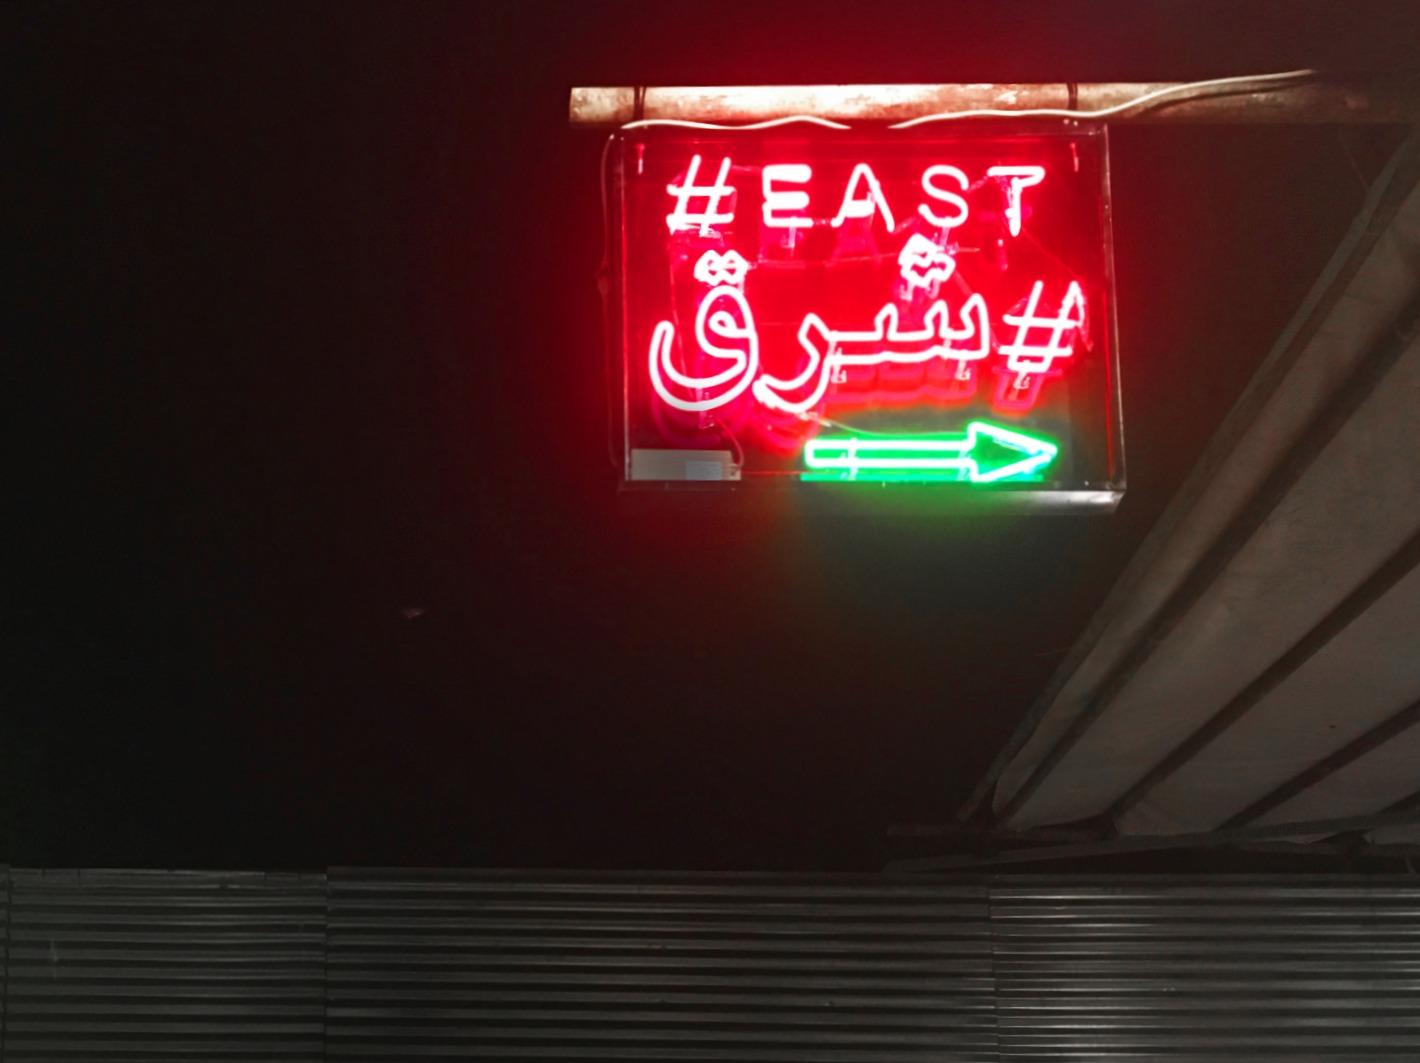 Je suis à l'#Ouest